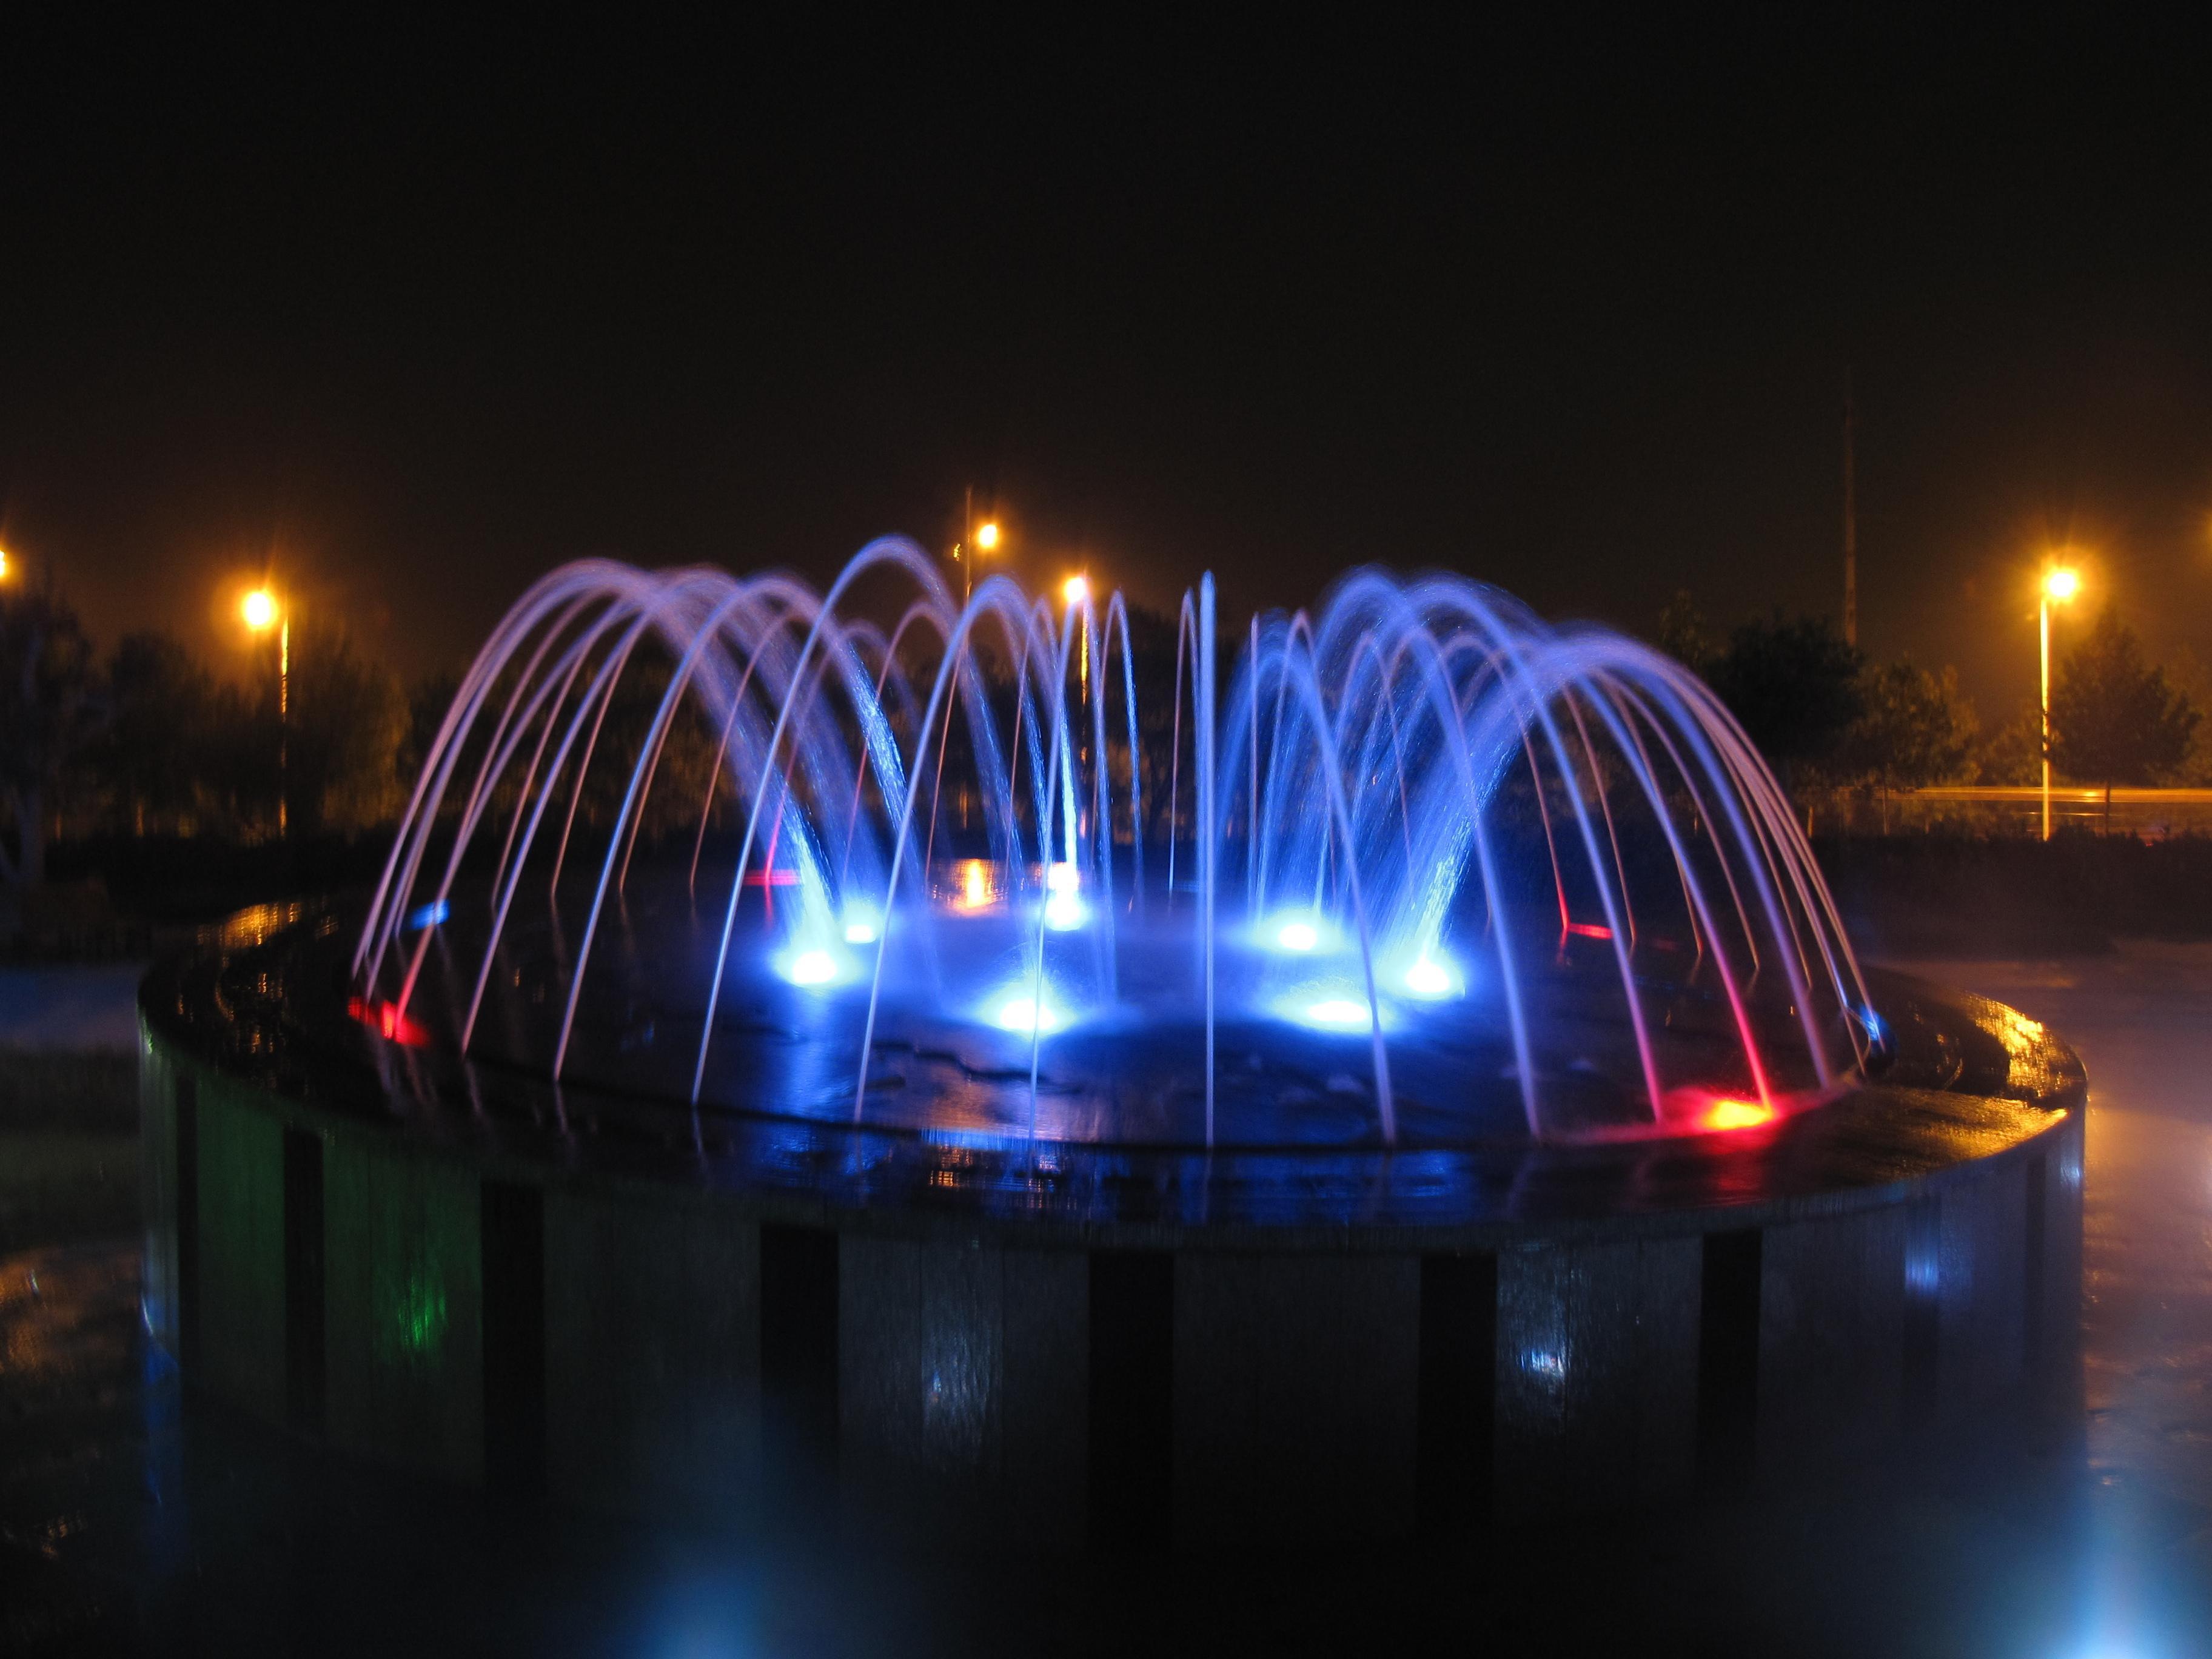 喷泉施工,喷泉设备,喷泉效果图,喷泉公司,喷泉,音乐喷泉,水景喷泉